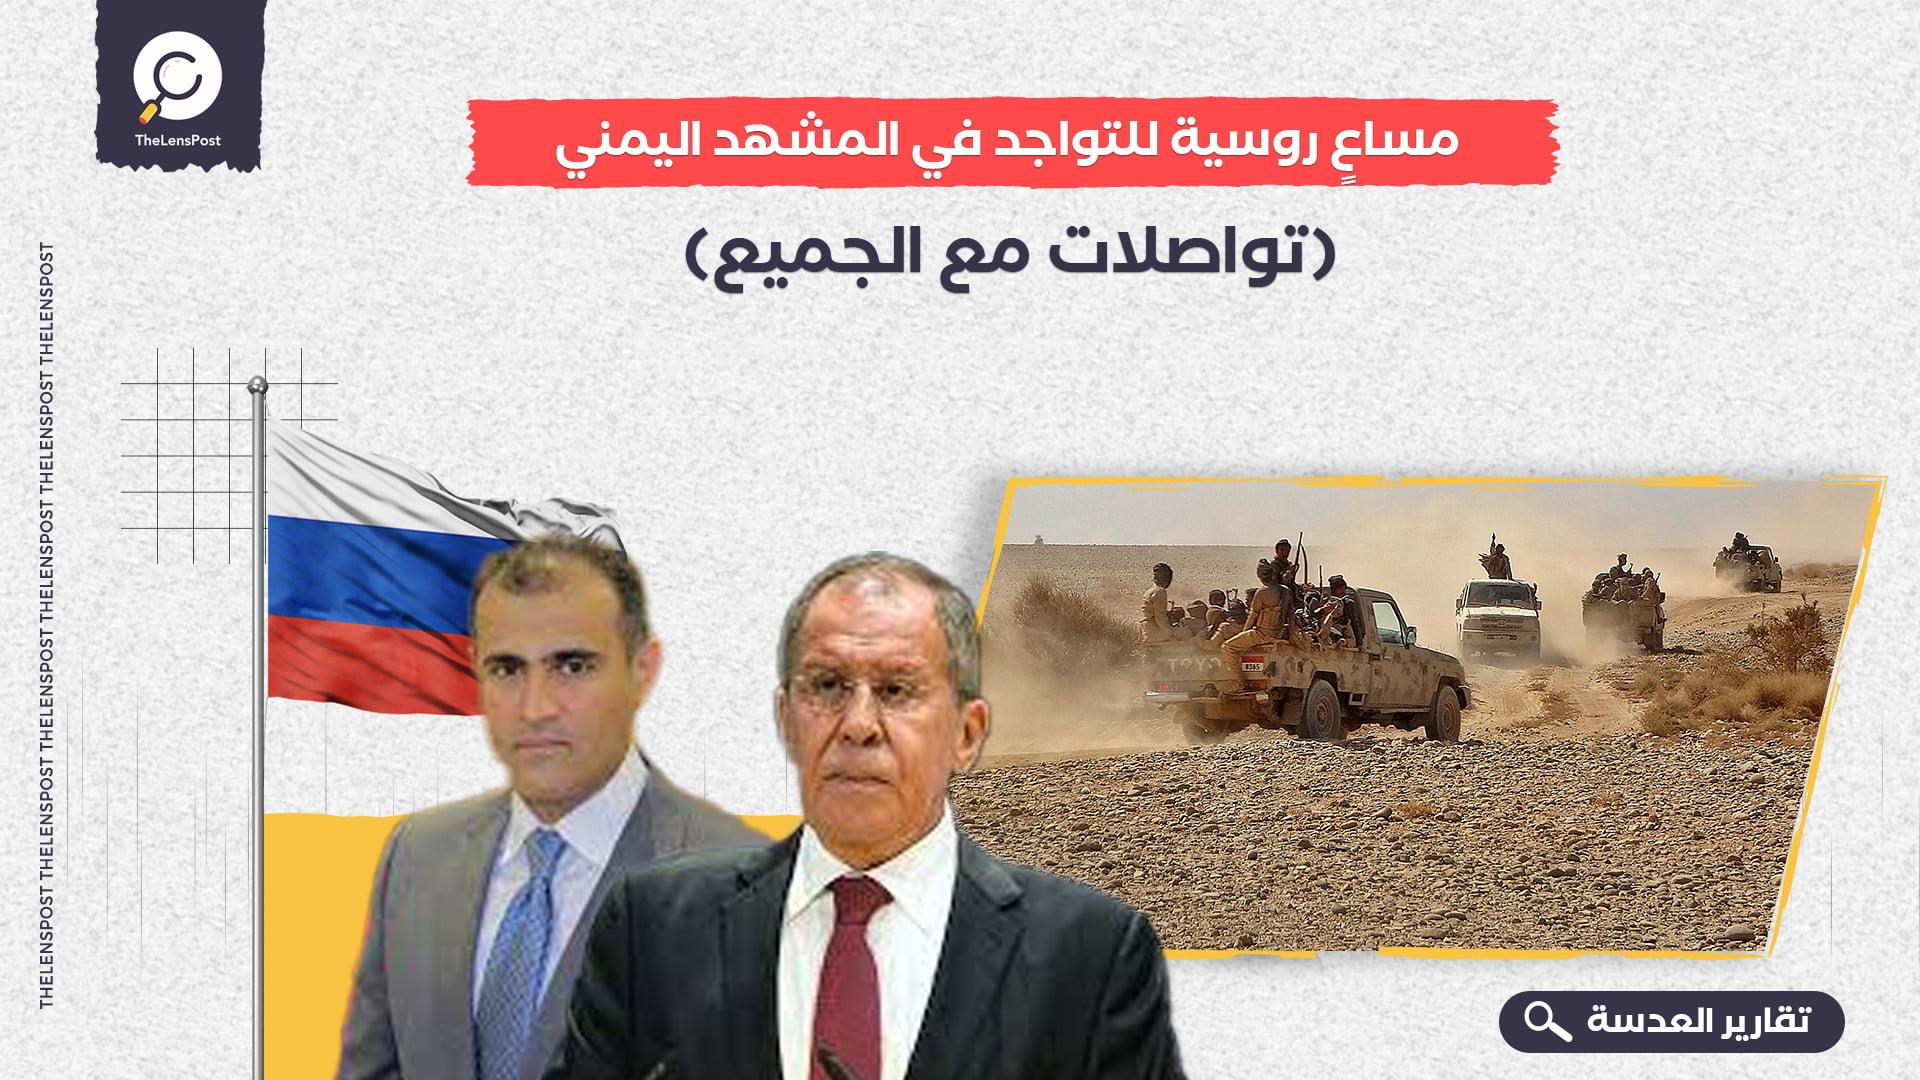 مساعٍ روسية للتواجد في المشهد اليمني